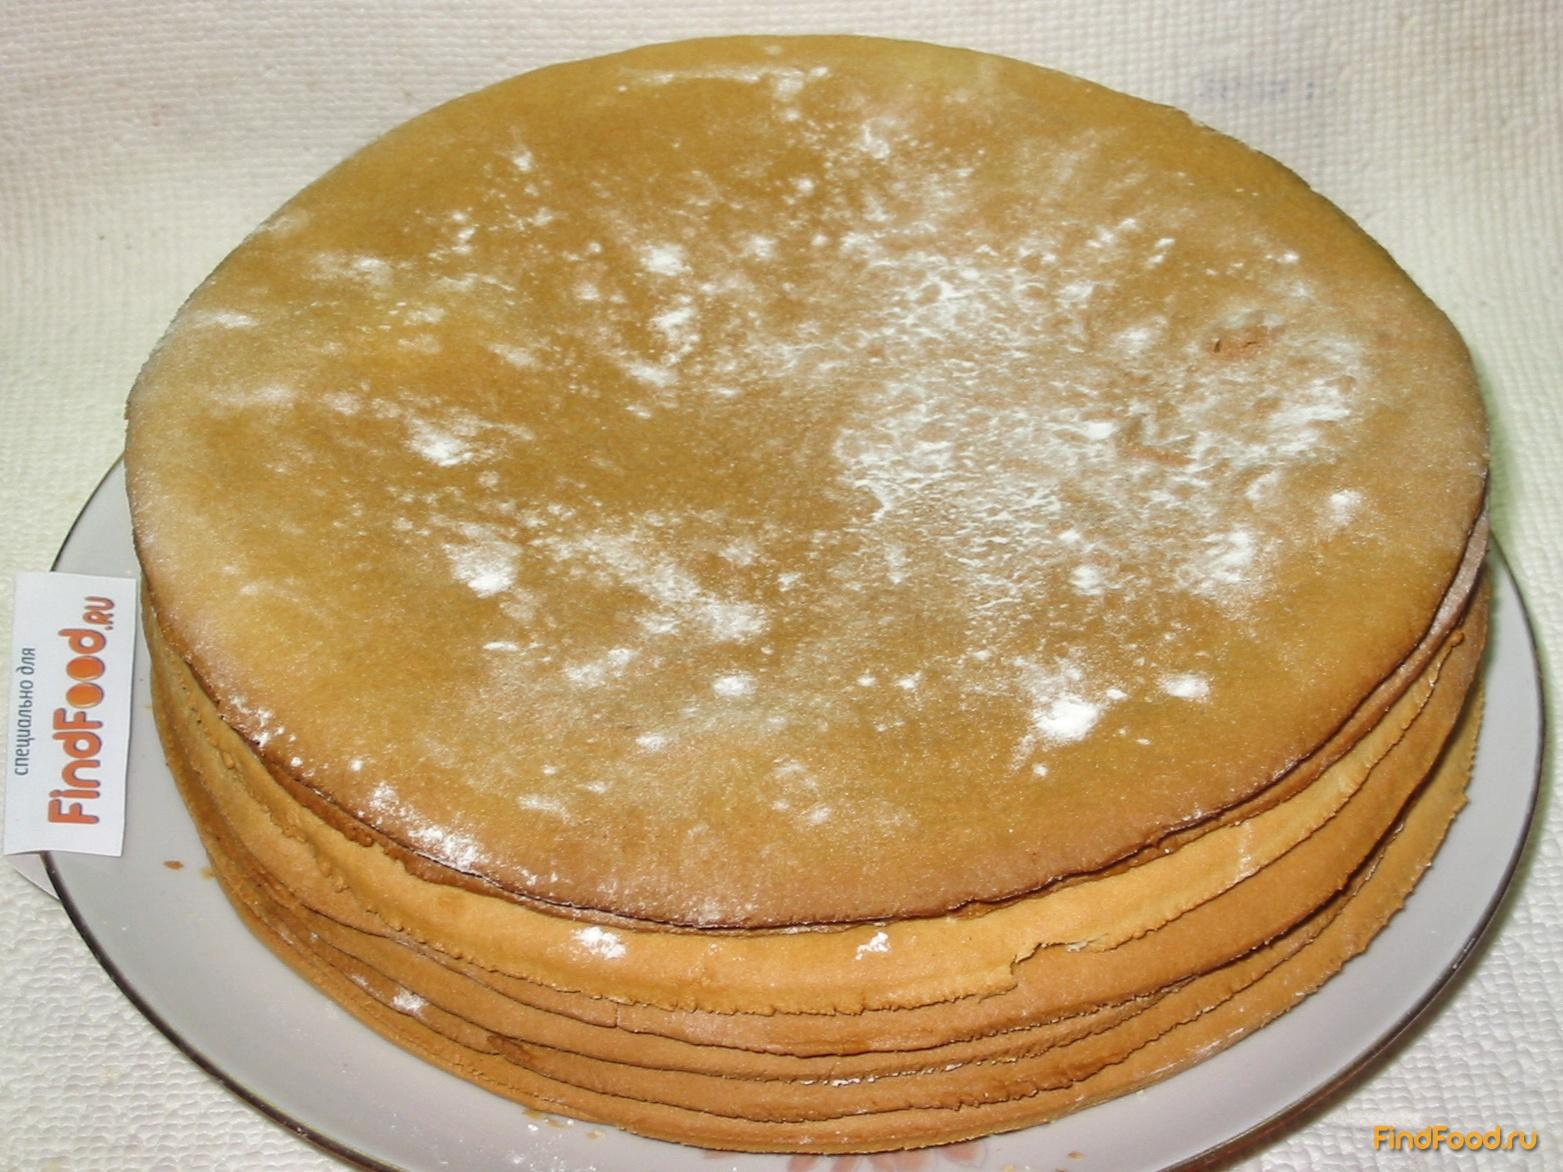 Медовик торт рецепт с пошаговым фото